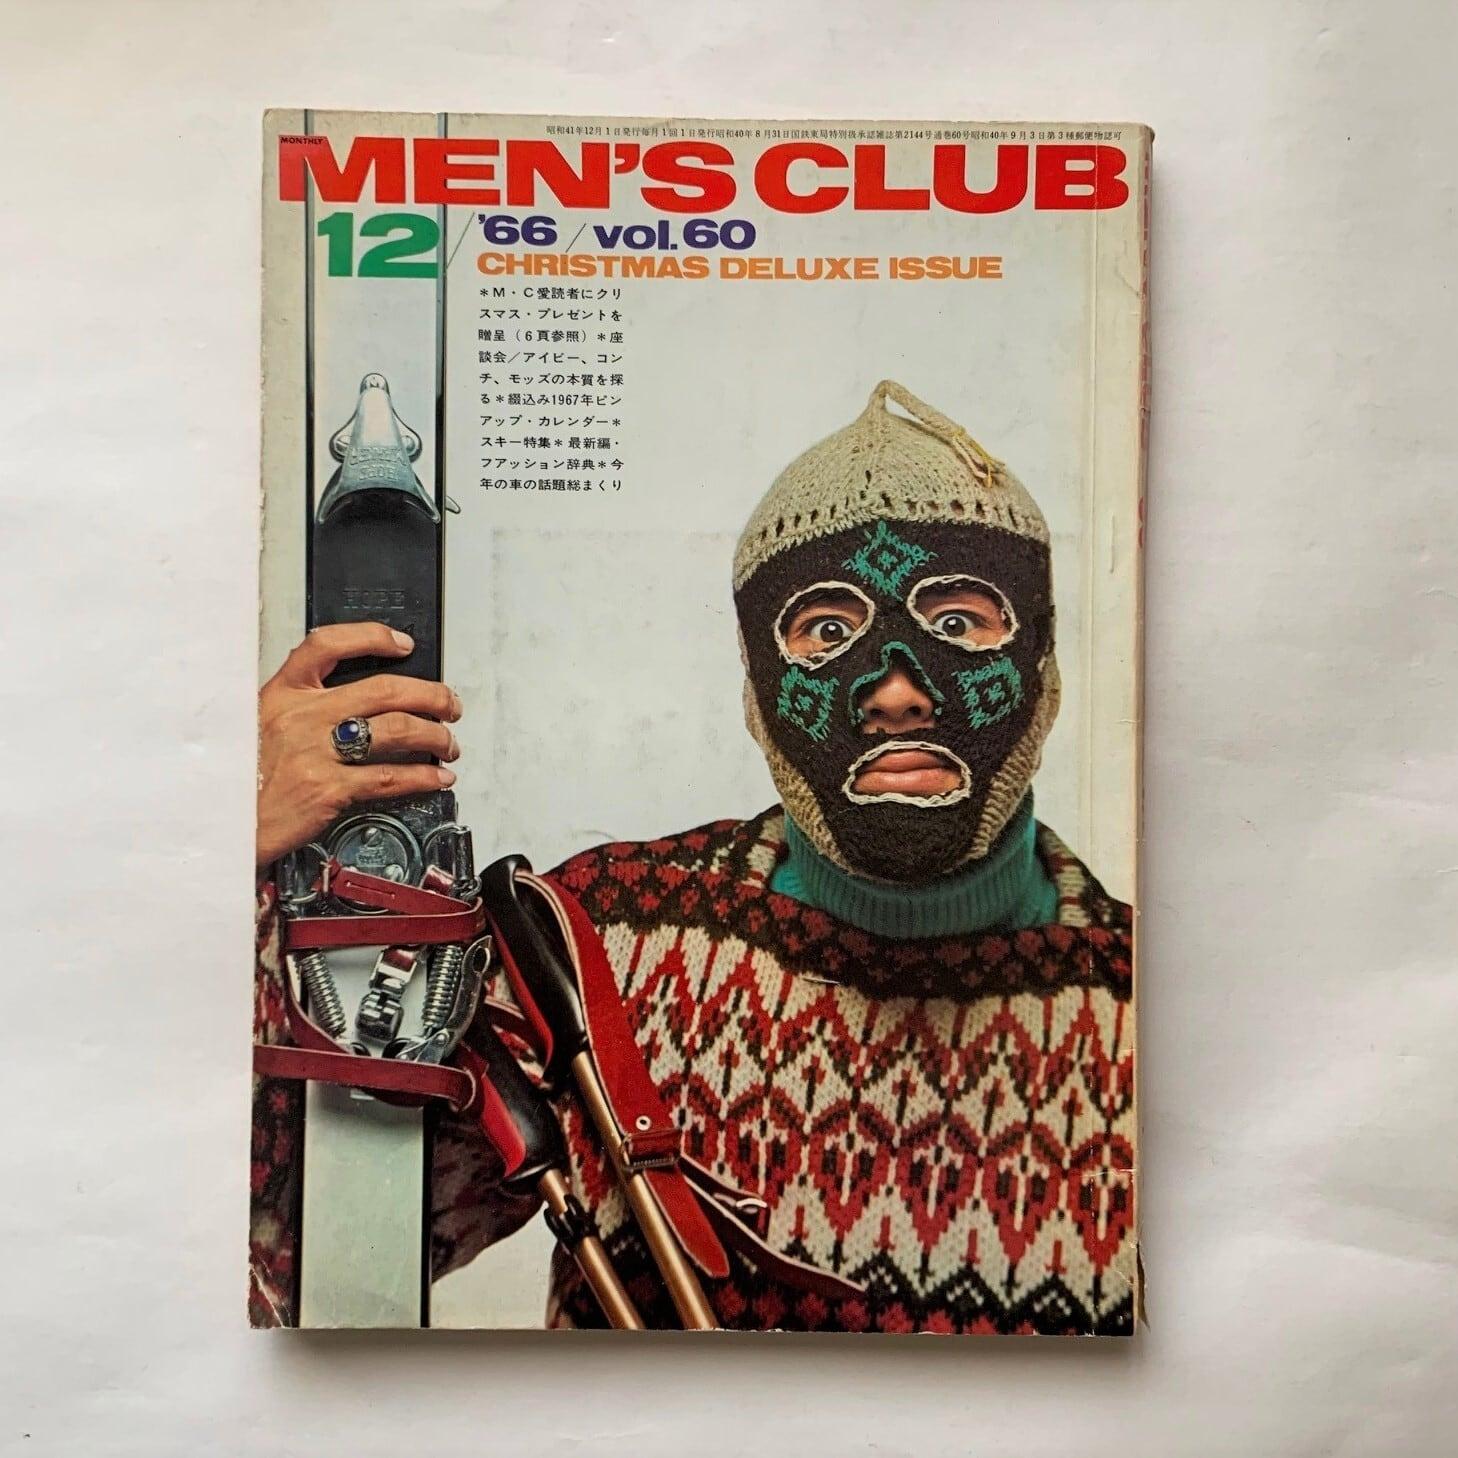 MEN'S CLUB メンズクラブ 60号  /  婦人画報社  /  1966年